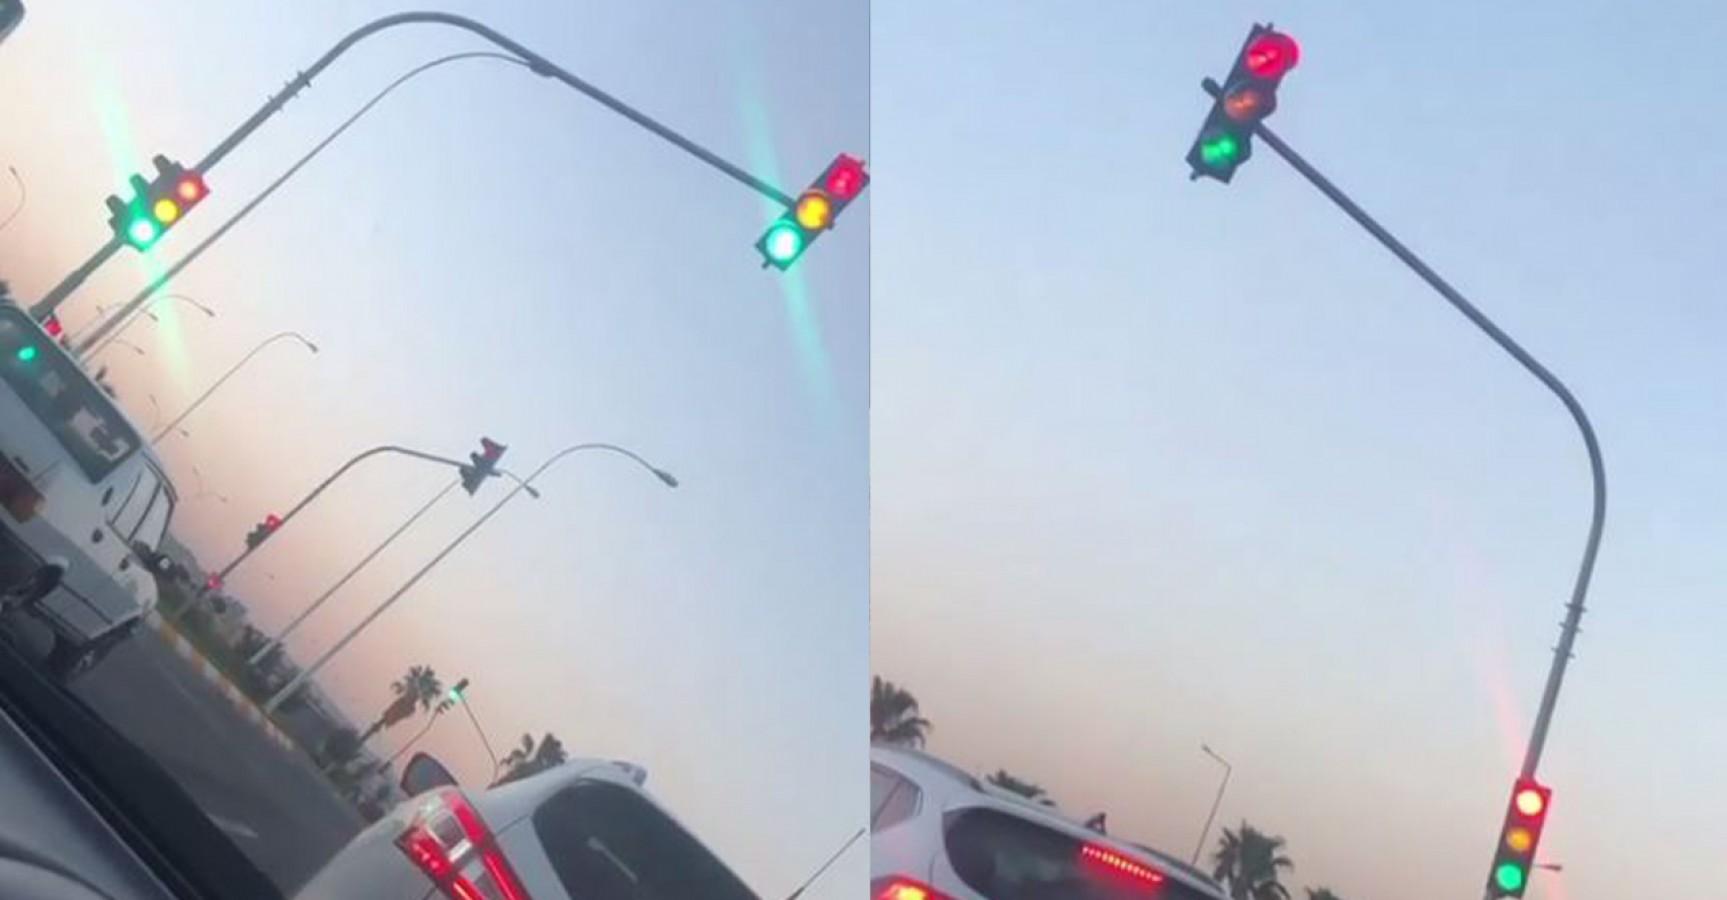 Urfa'da sürücüleri şaşkına çeviren trafik ışığı!